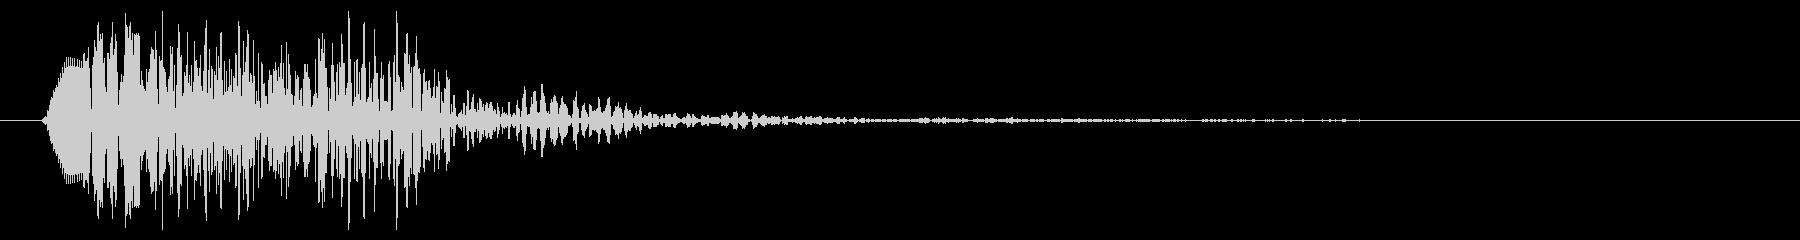 ビュッ!(ゲームなどの決定音)の未再生の波形